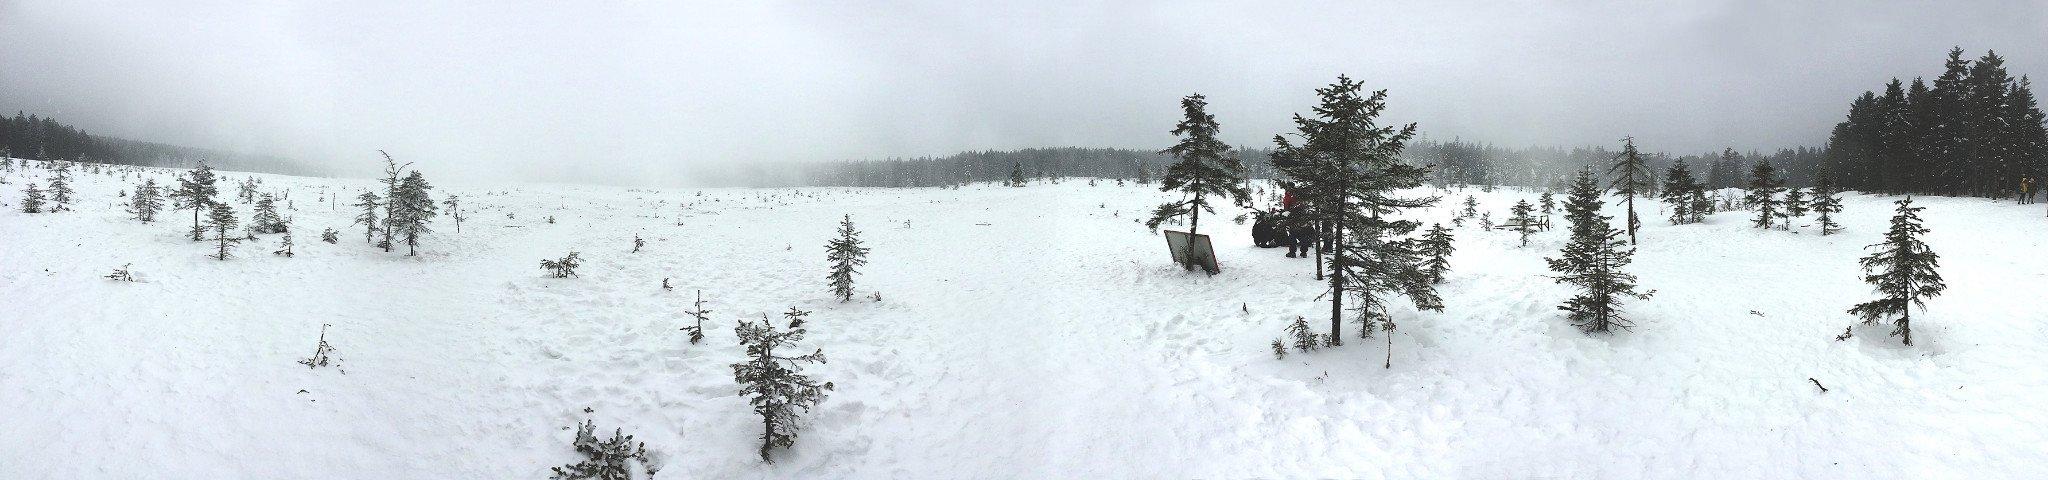 飘雪啦!我们在东北玩泥巴!